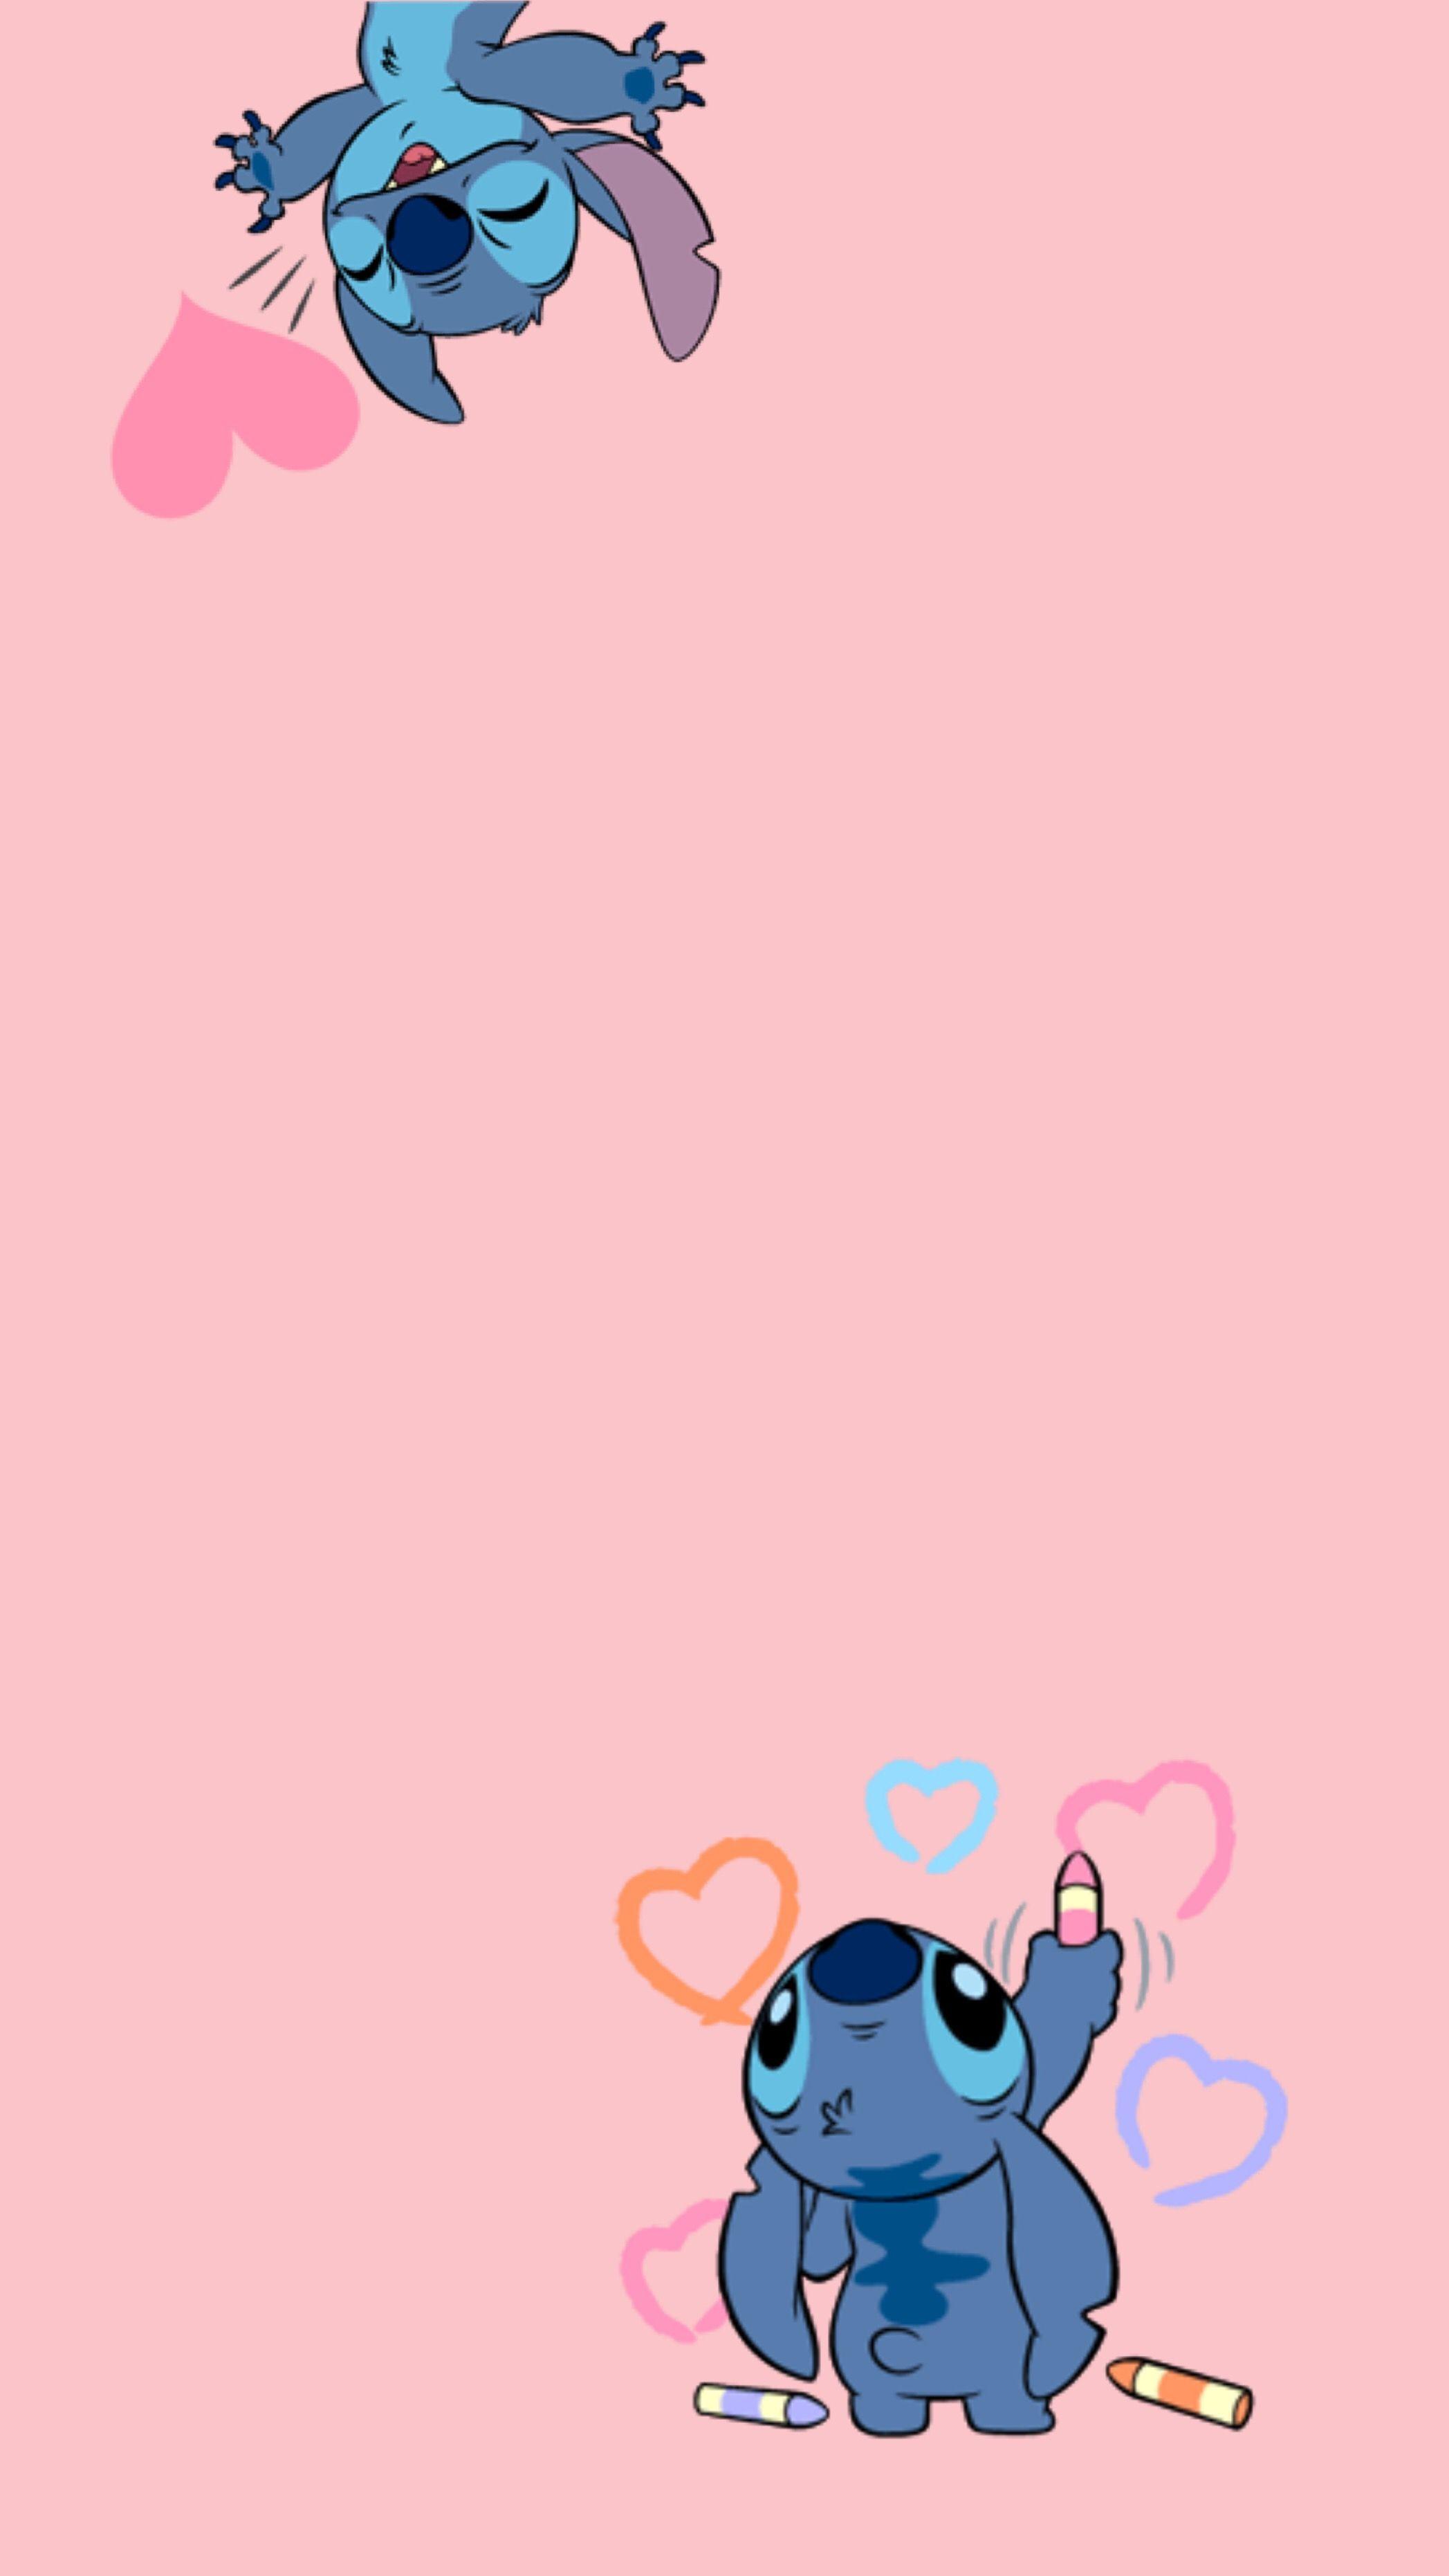 Stitch Wallpaper Cartoon Wallpaper Iphone Cartoon Wallpaper Disney Phone Wallpaper